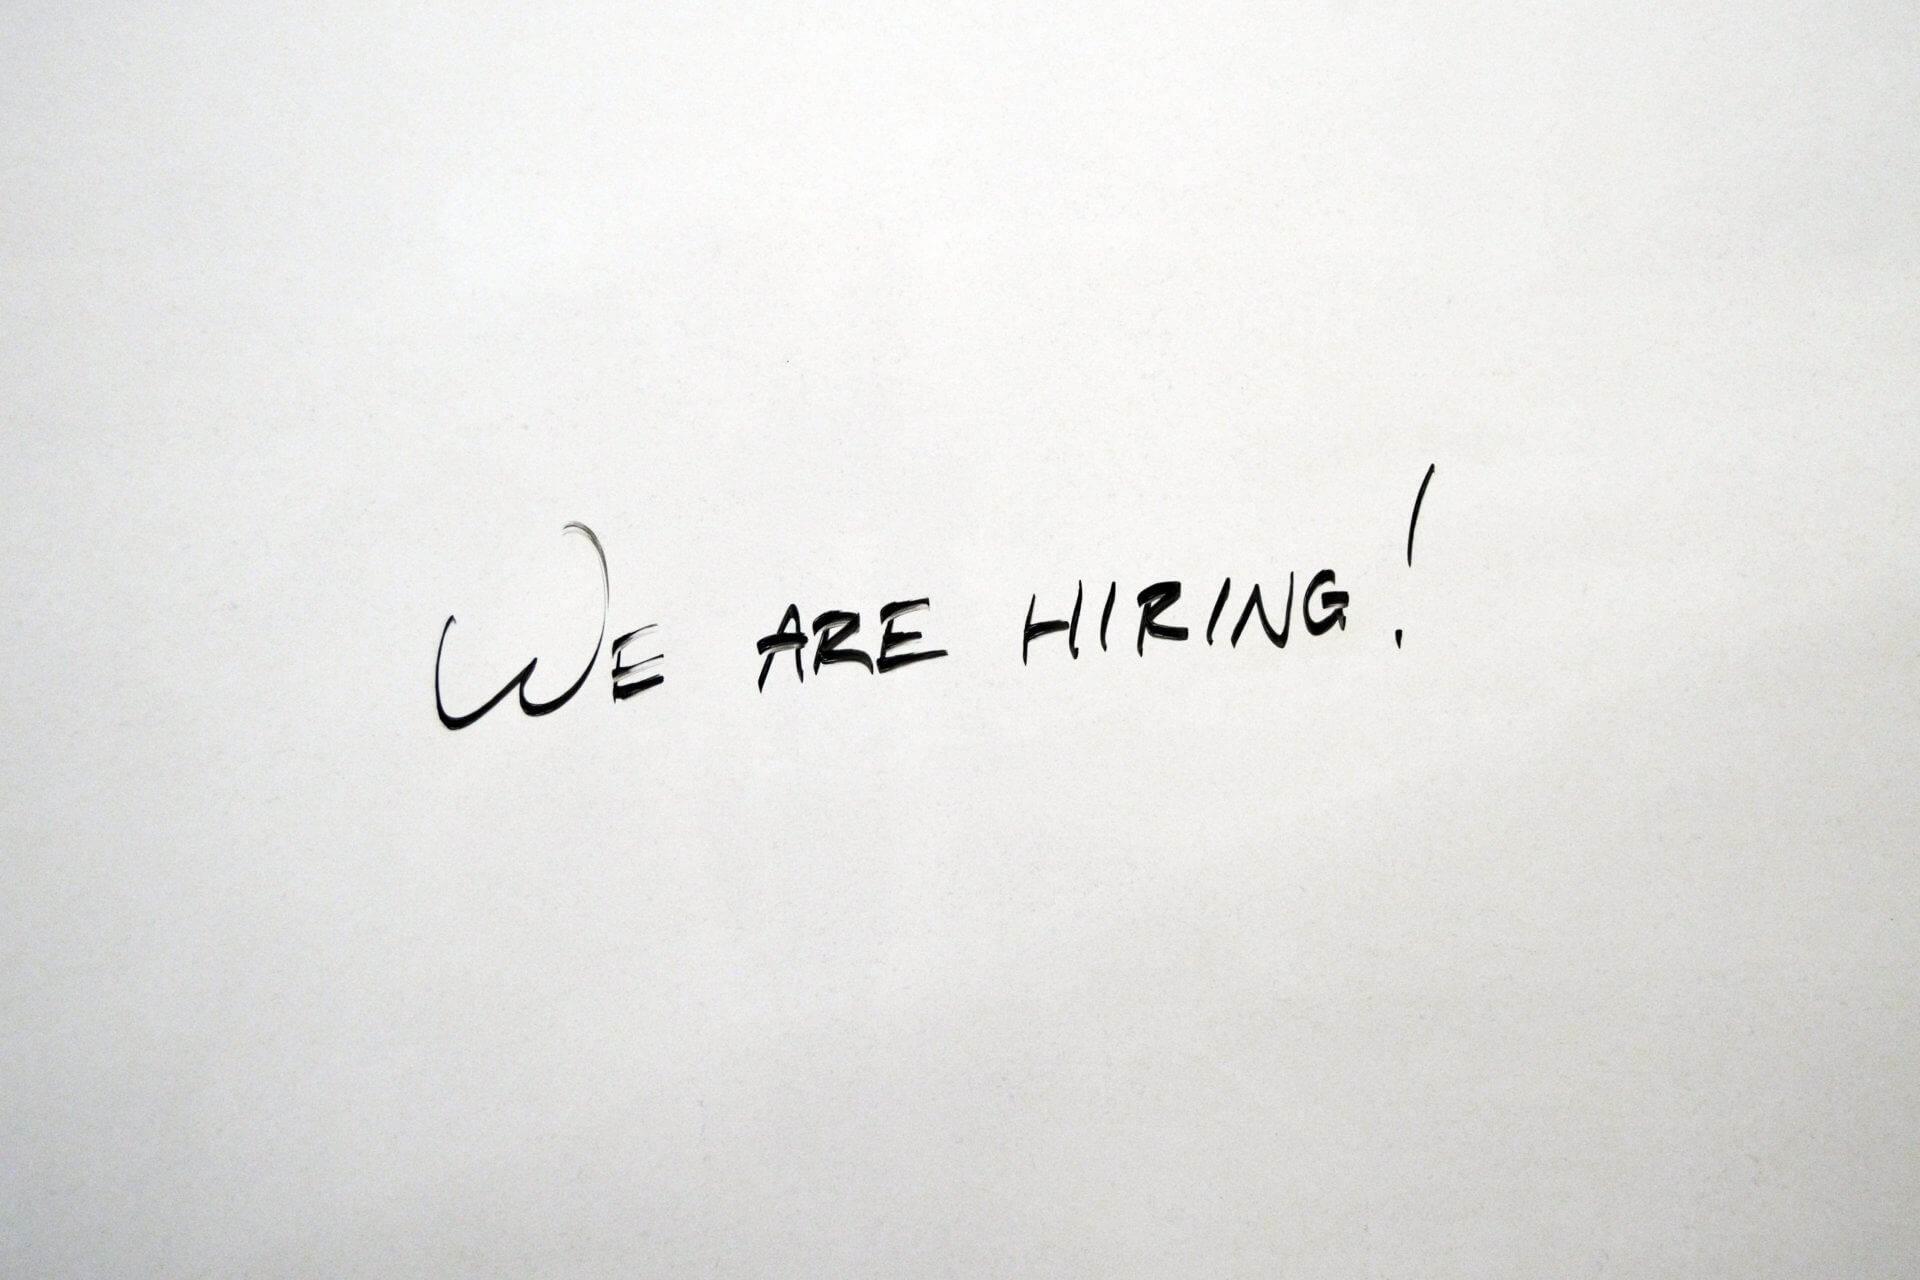 Wie können sich SAP Kandidaten beim Jobwechsel absichern? jumpstory download20200408 104030 tipps, fuer-kandidaten, bewerbungen Tricks, Tipps, SAP, Probezeit, Personalberatung, Personalberater, Kandidaten, Jobwechsel, Jobsuche, IT, Headhunting, Headhunter, Empfehlungen, Corona, Bewerbungsratgeber, Bewerbungsprozess